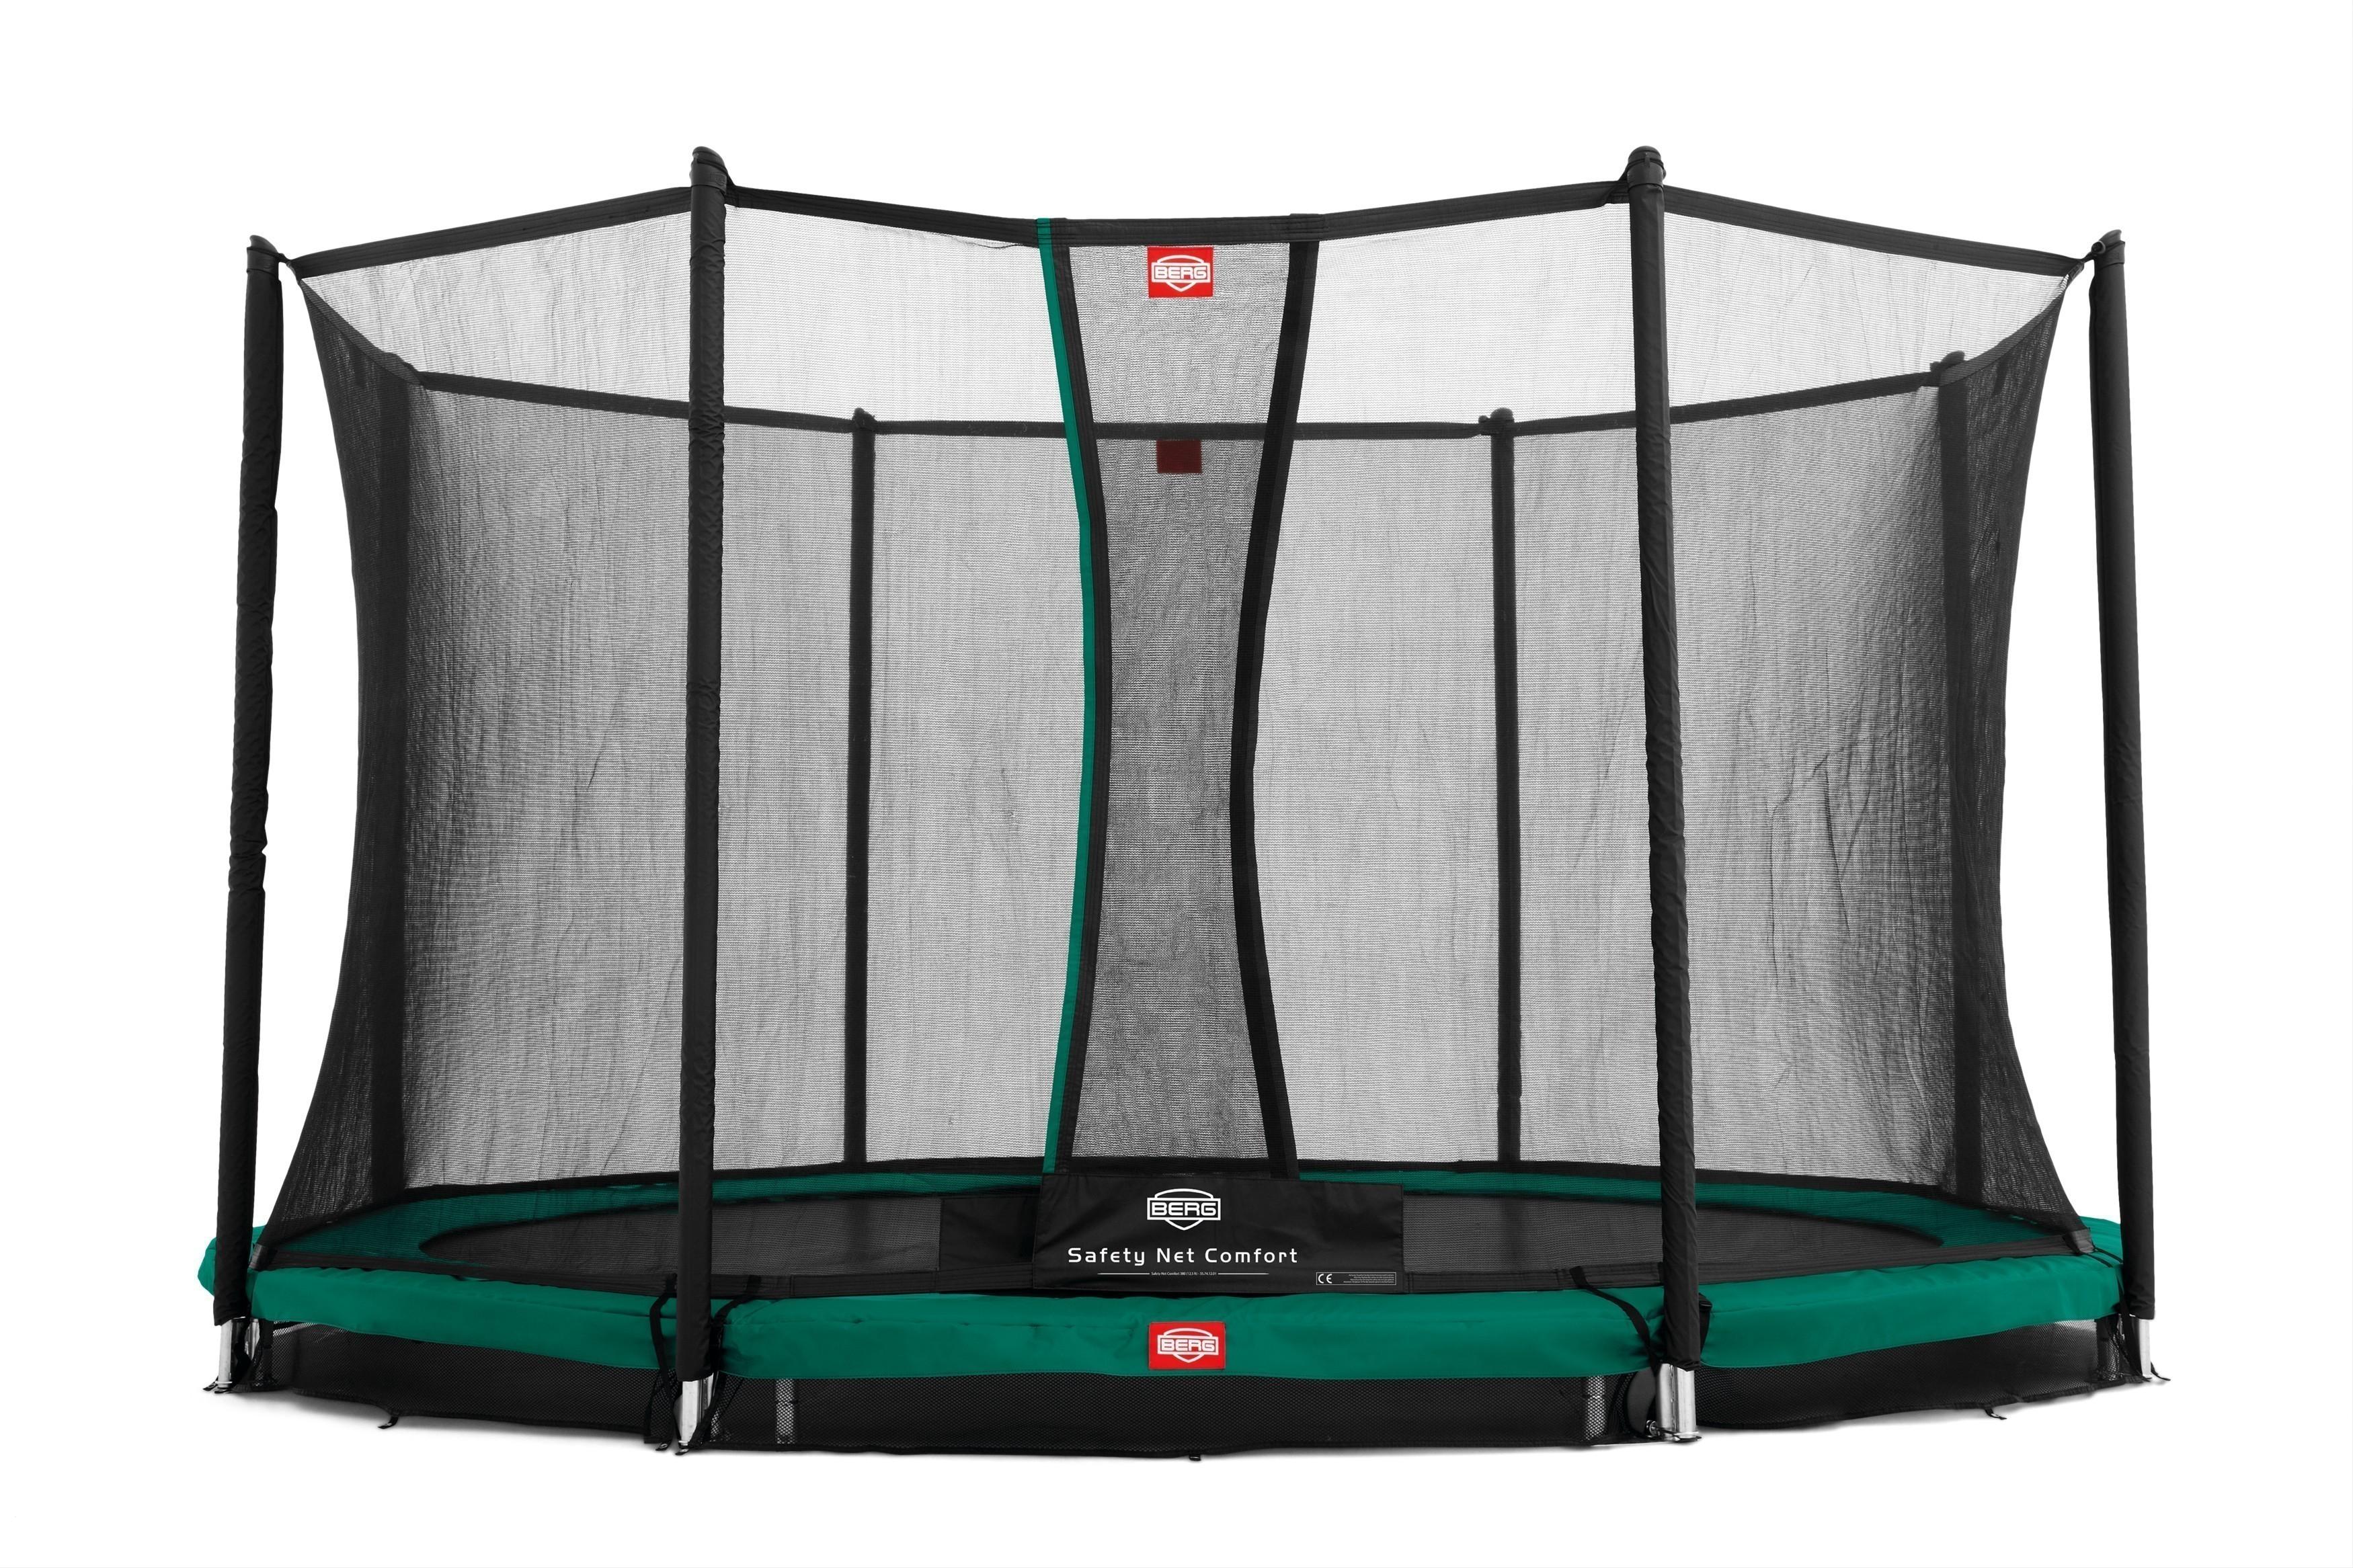 Trampolin Favorit InGround + Sicherheitsnetz Comfort Ø330cm BERG toys Bild 1